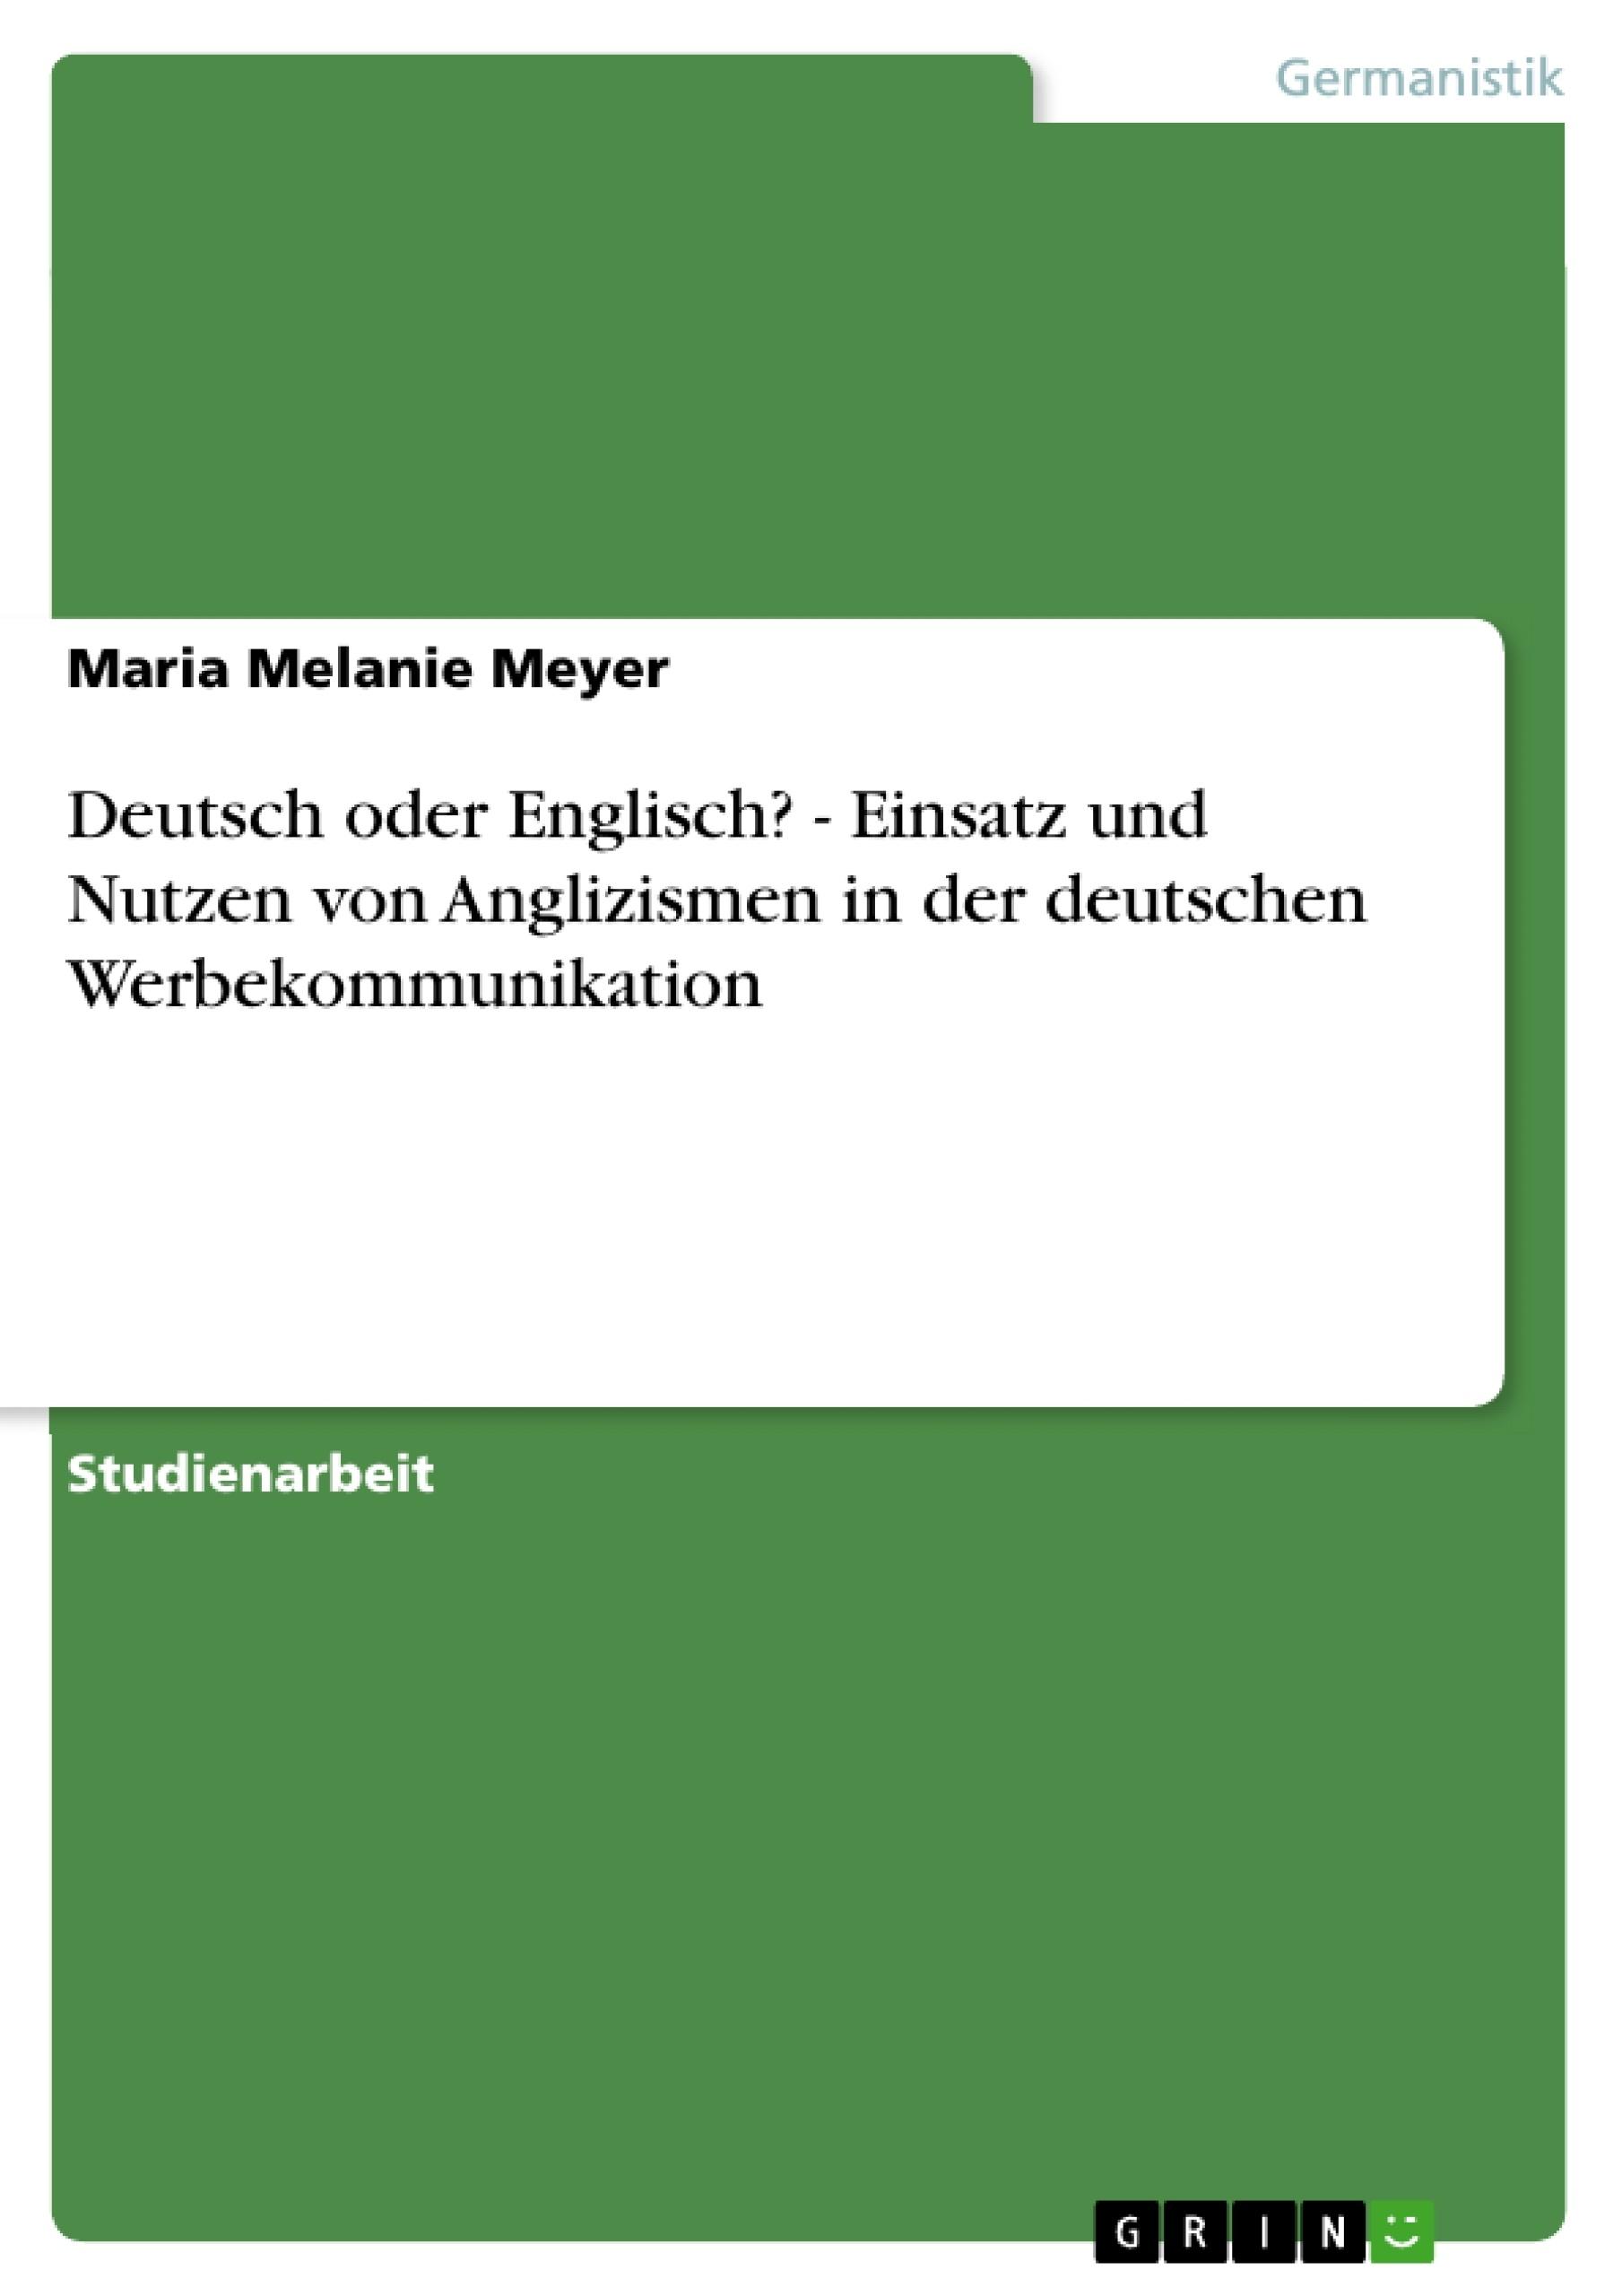 Titel: Deutsch oder Englisch? - Einsatz und Nutzen von Anglizismen in der deutschen Werbekommunikation